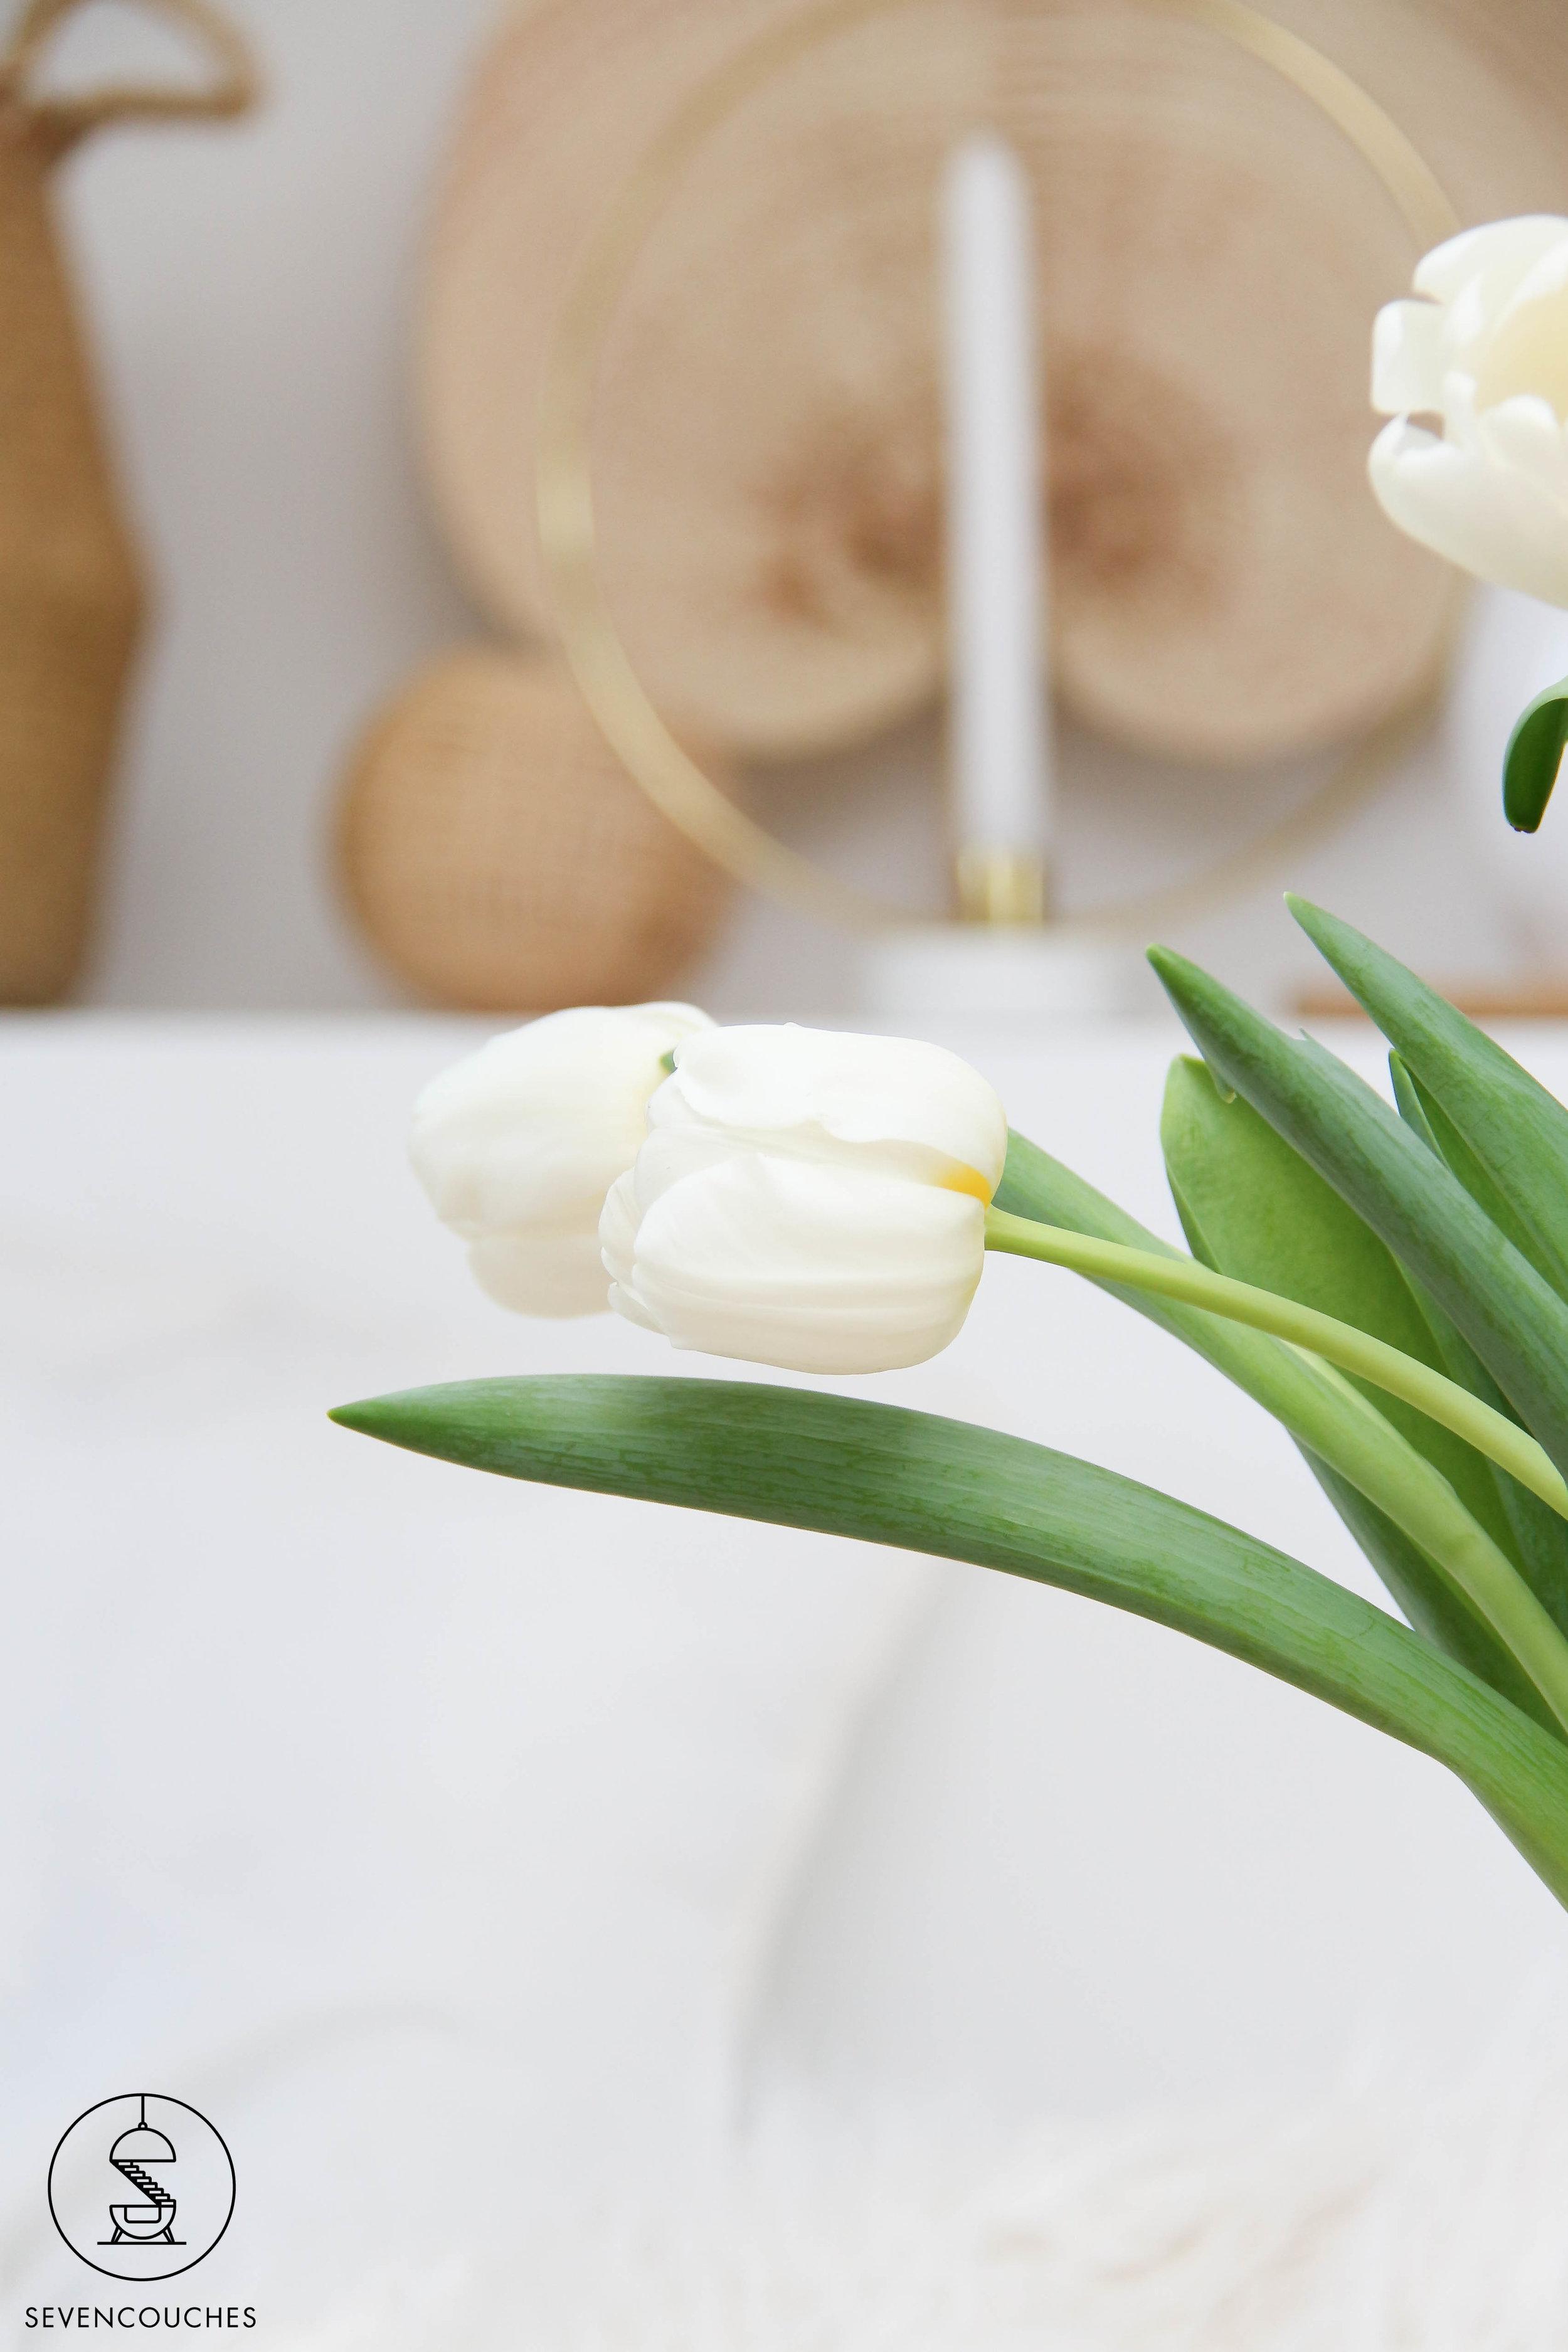 Net even anders: zet je tulpen eens in een glazen schaal